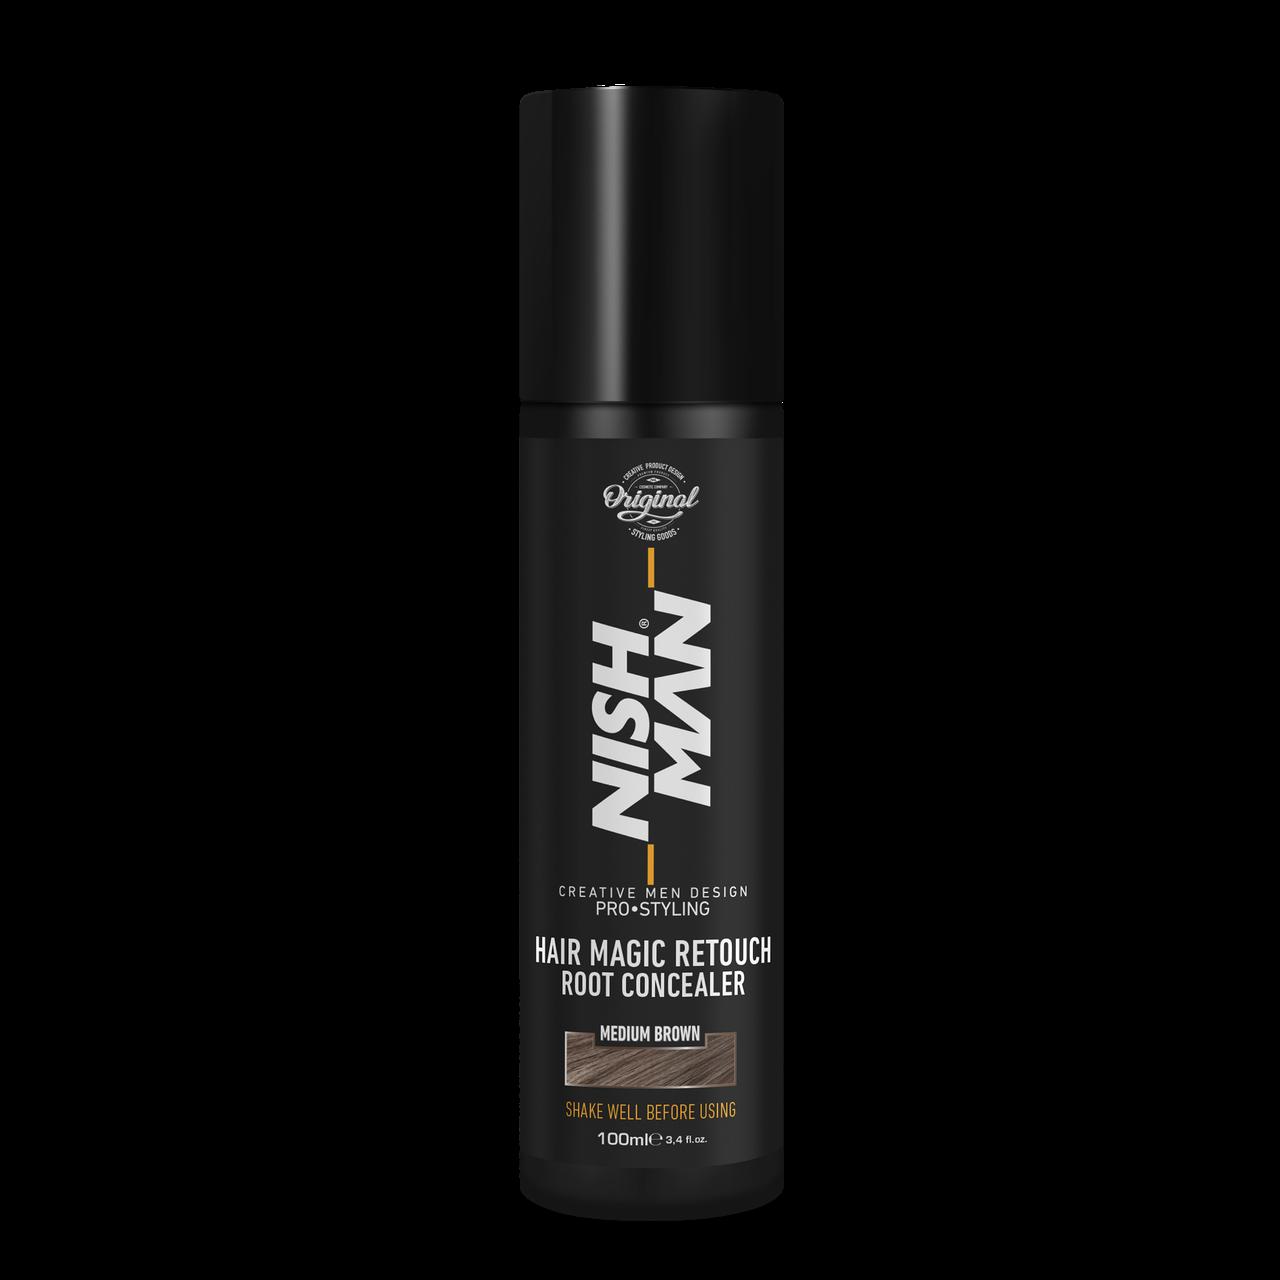 Камуфляж для сивого волосся Nishman Hair Magic Retouch Root Concealer Коричневий